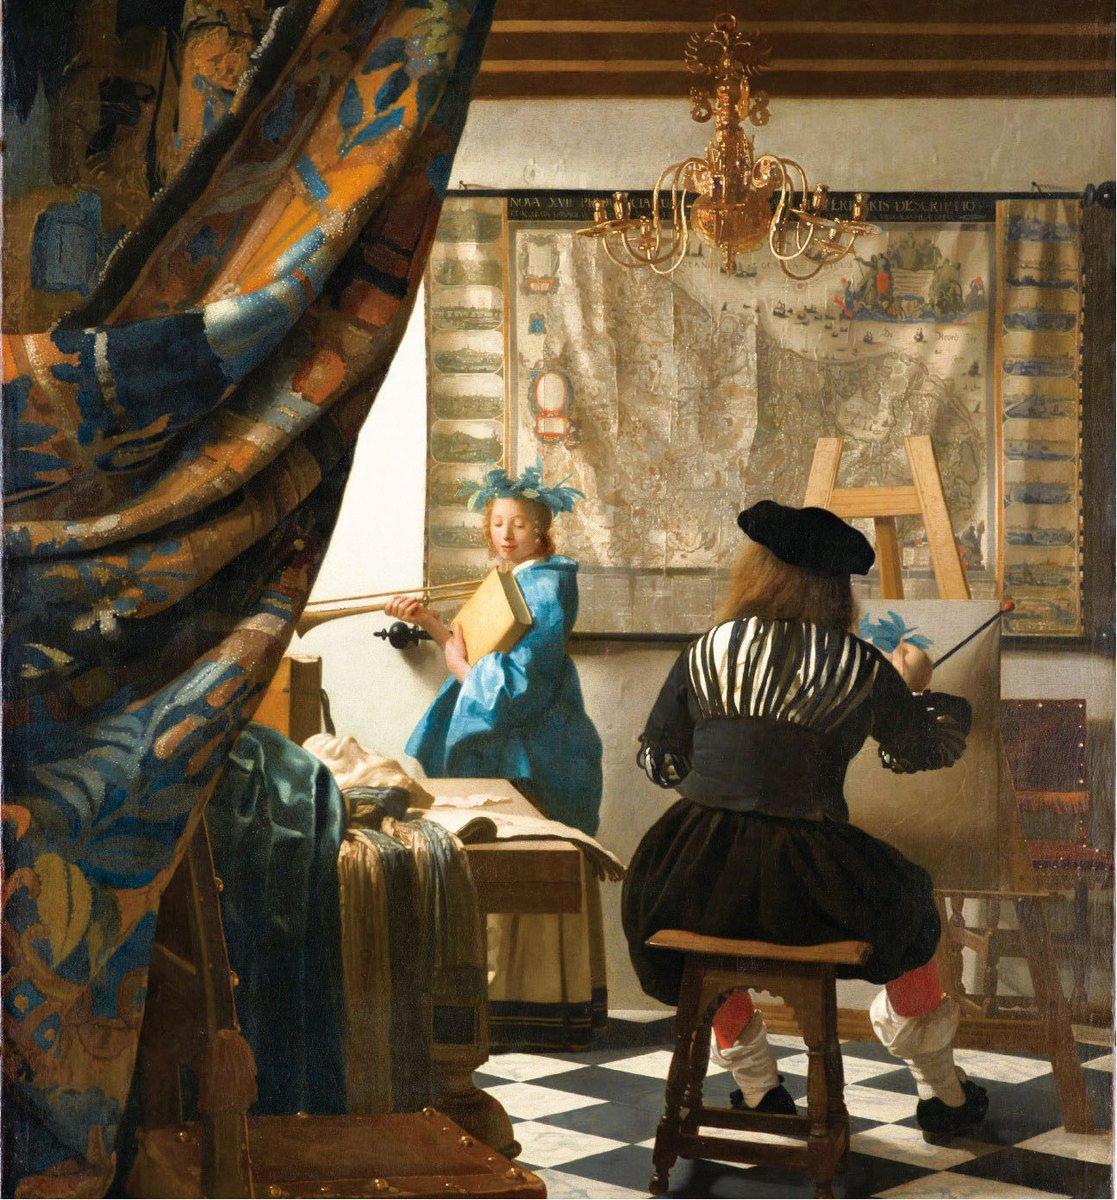 維米爾,《繪畫的寓言》(又名《畫室》),作於1665~1667年,布面油畫,此畫一度被希特勒佔有,現藏維也納藝術史博物館。